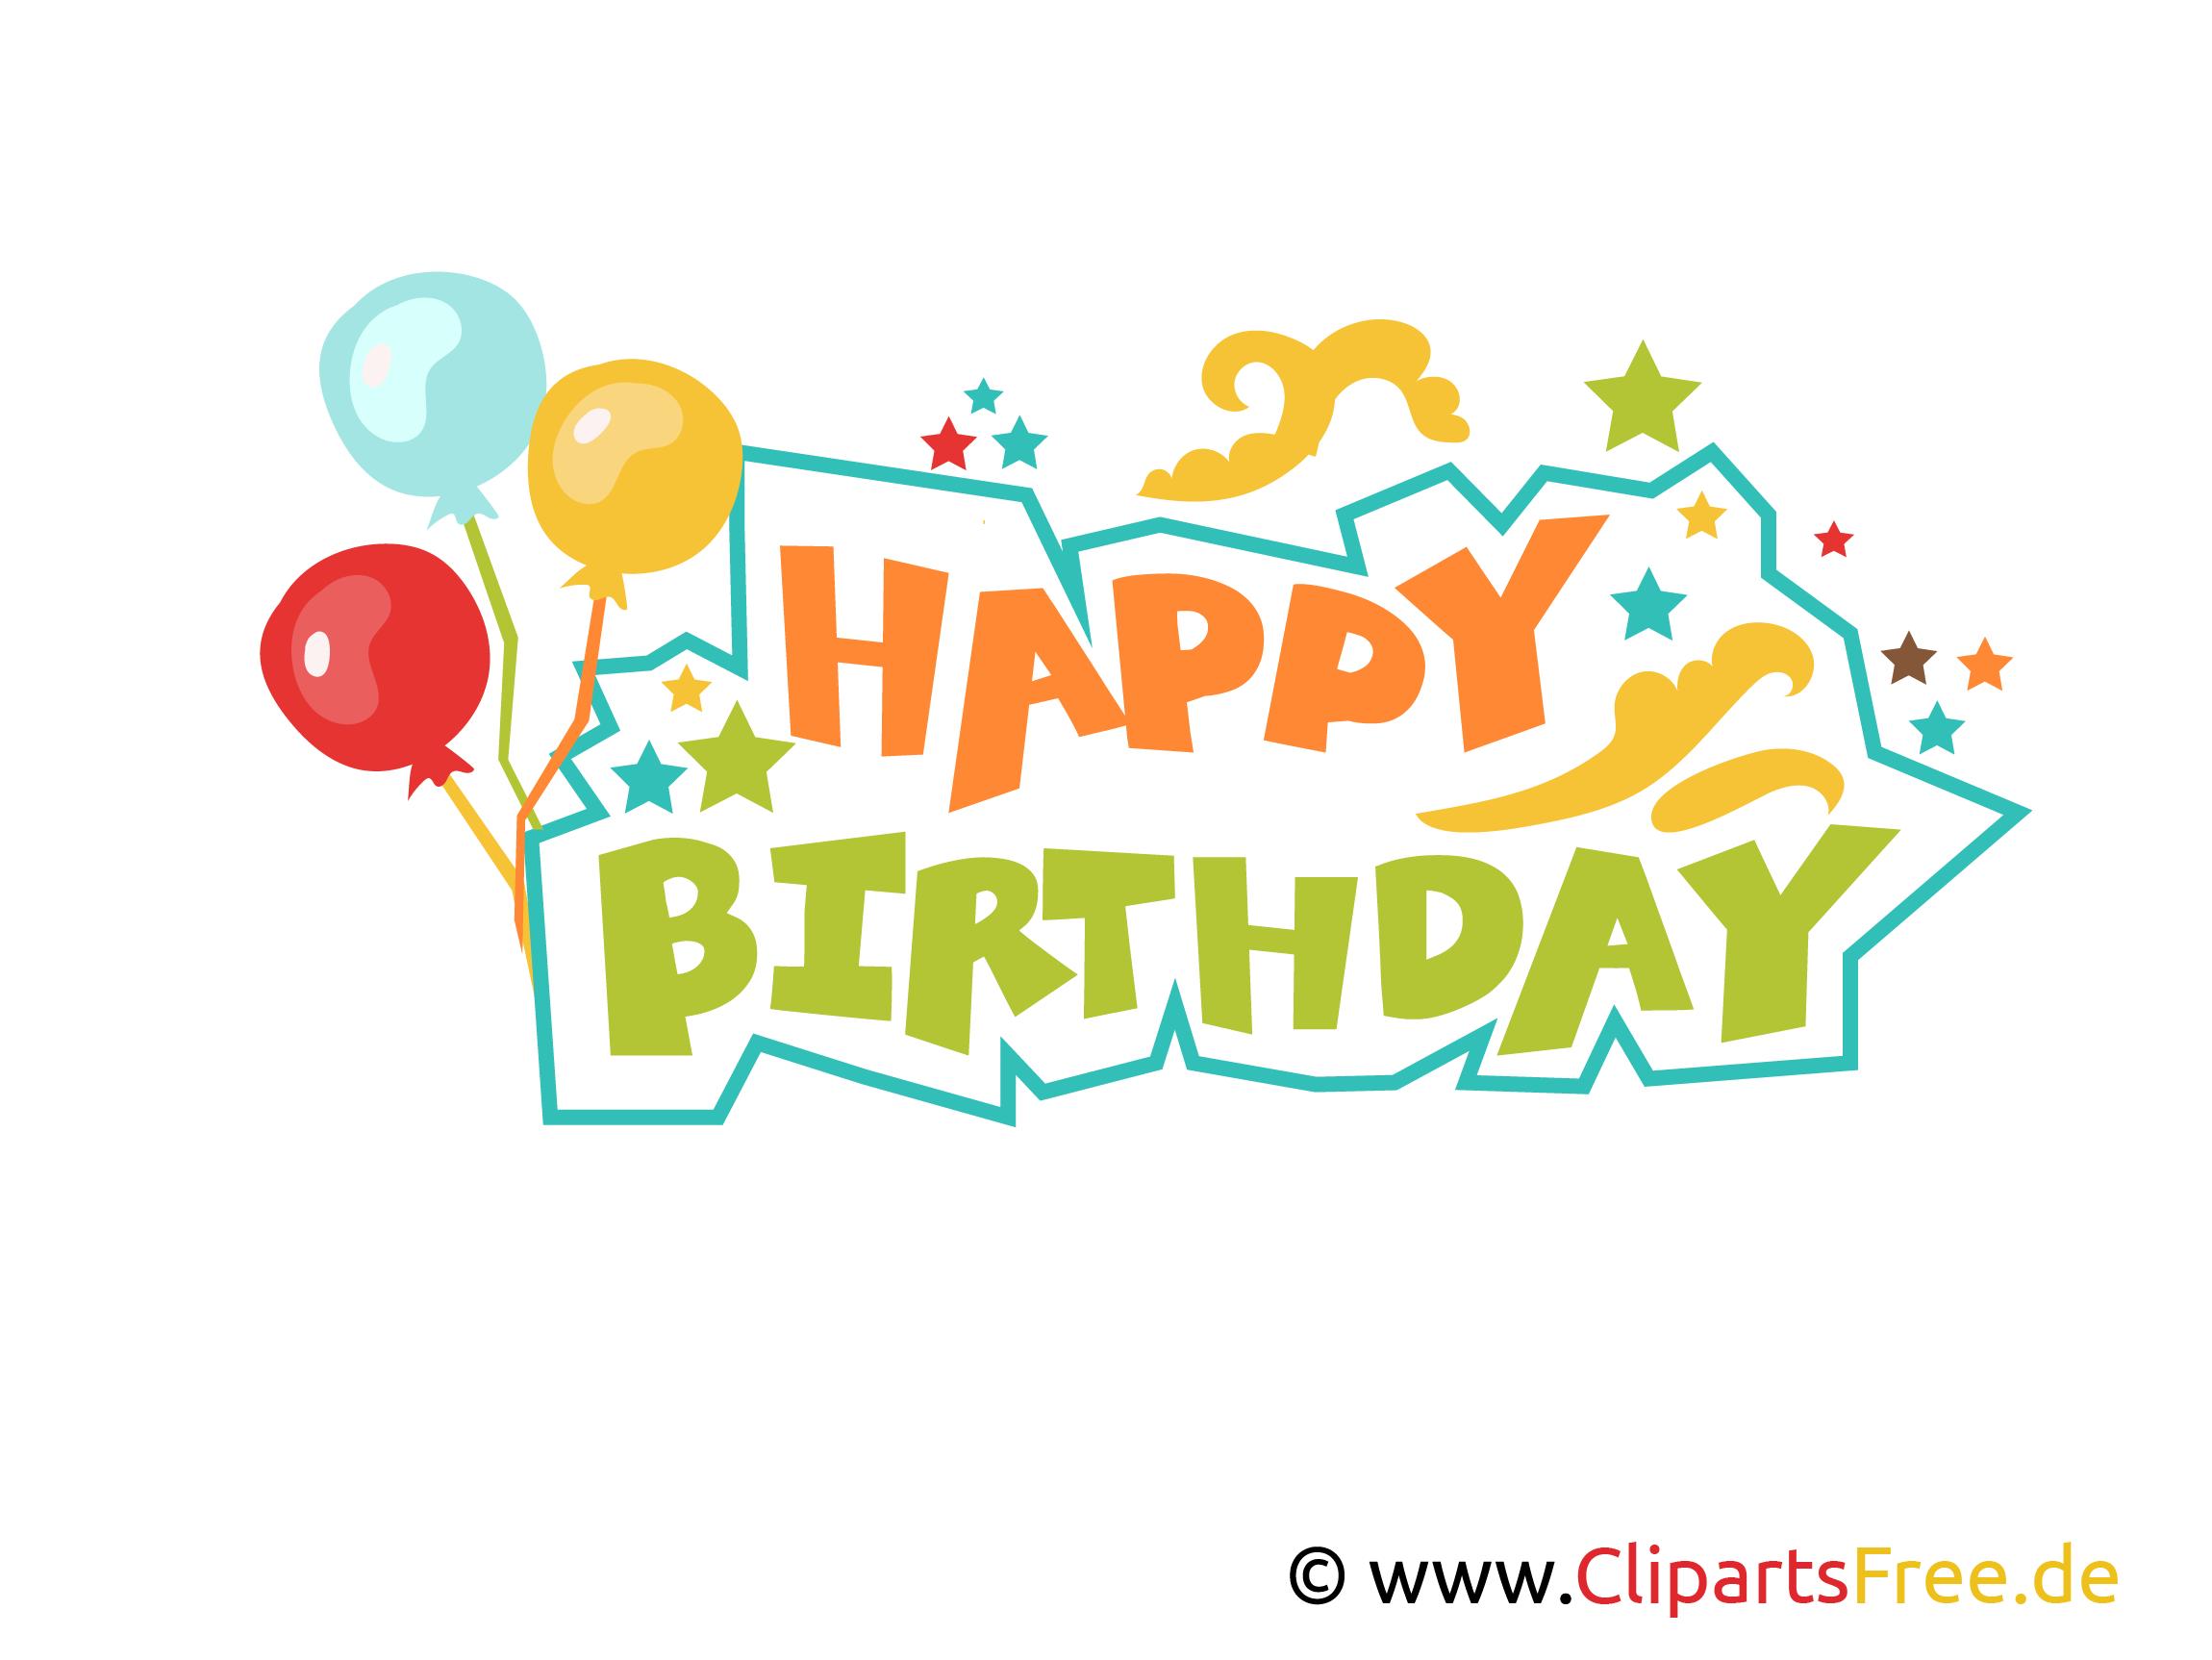 Happy Birthday Buchstaben Zum Drucken Clipart Vorlage